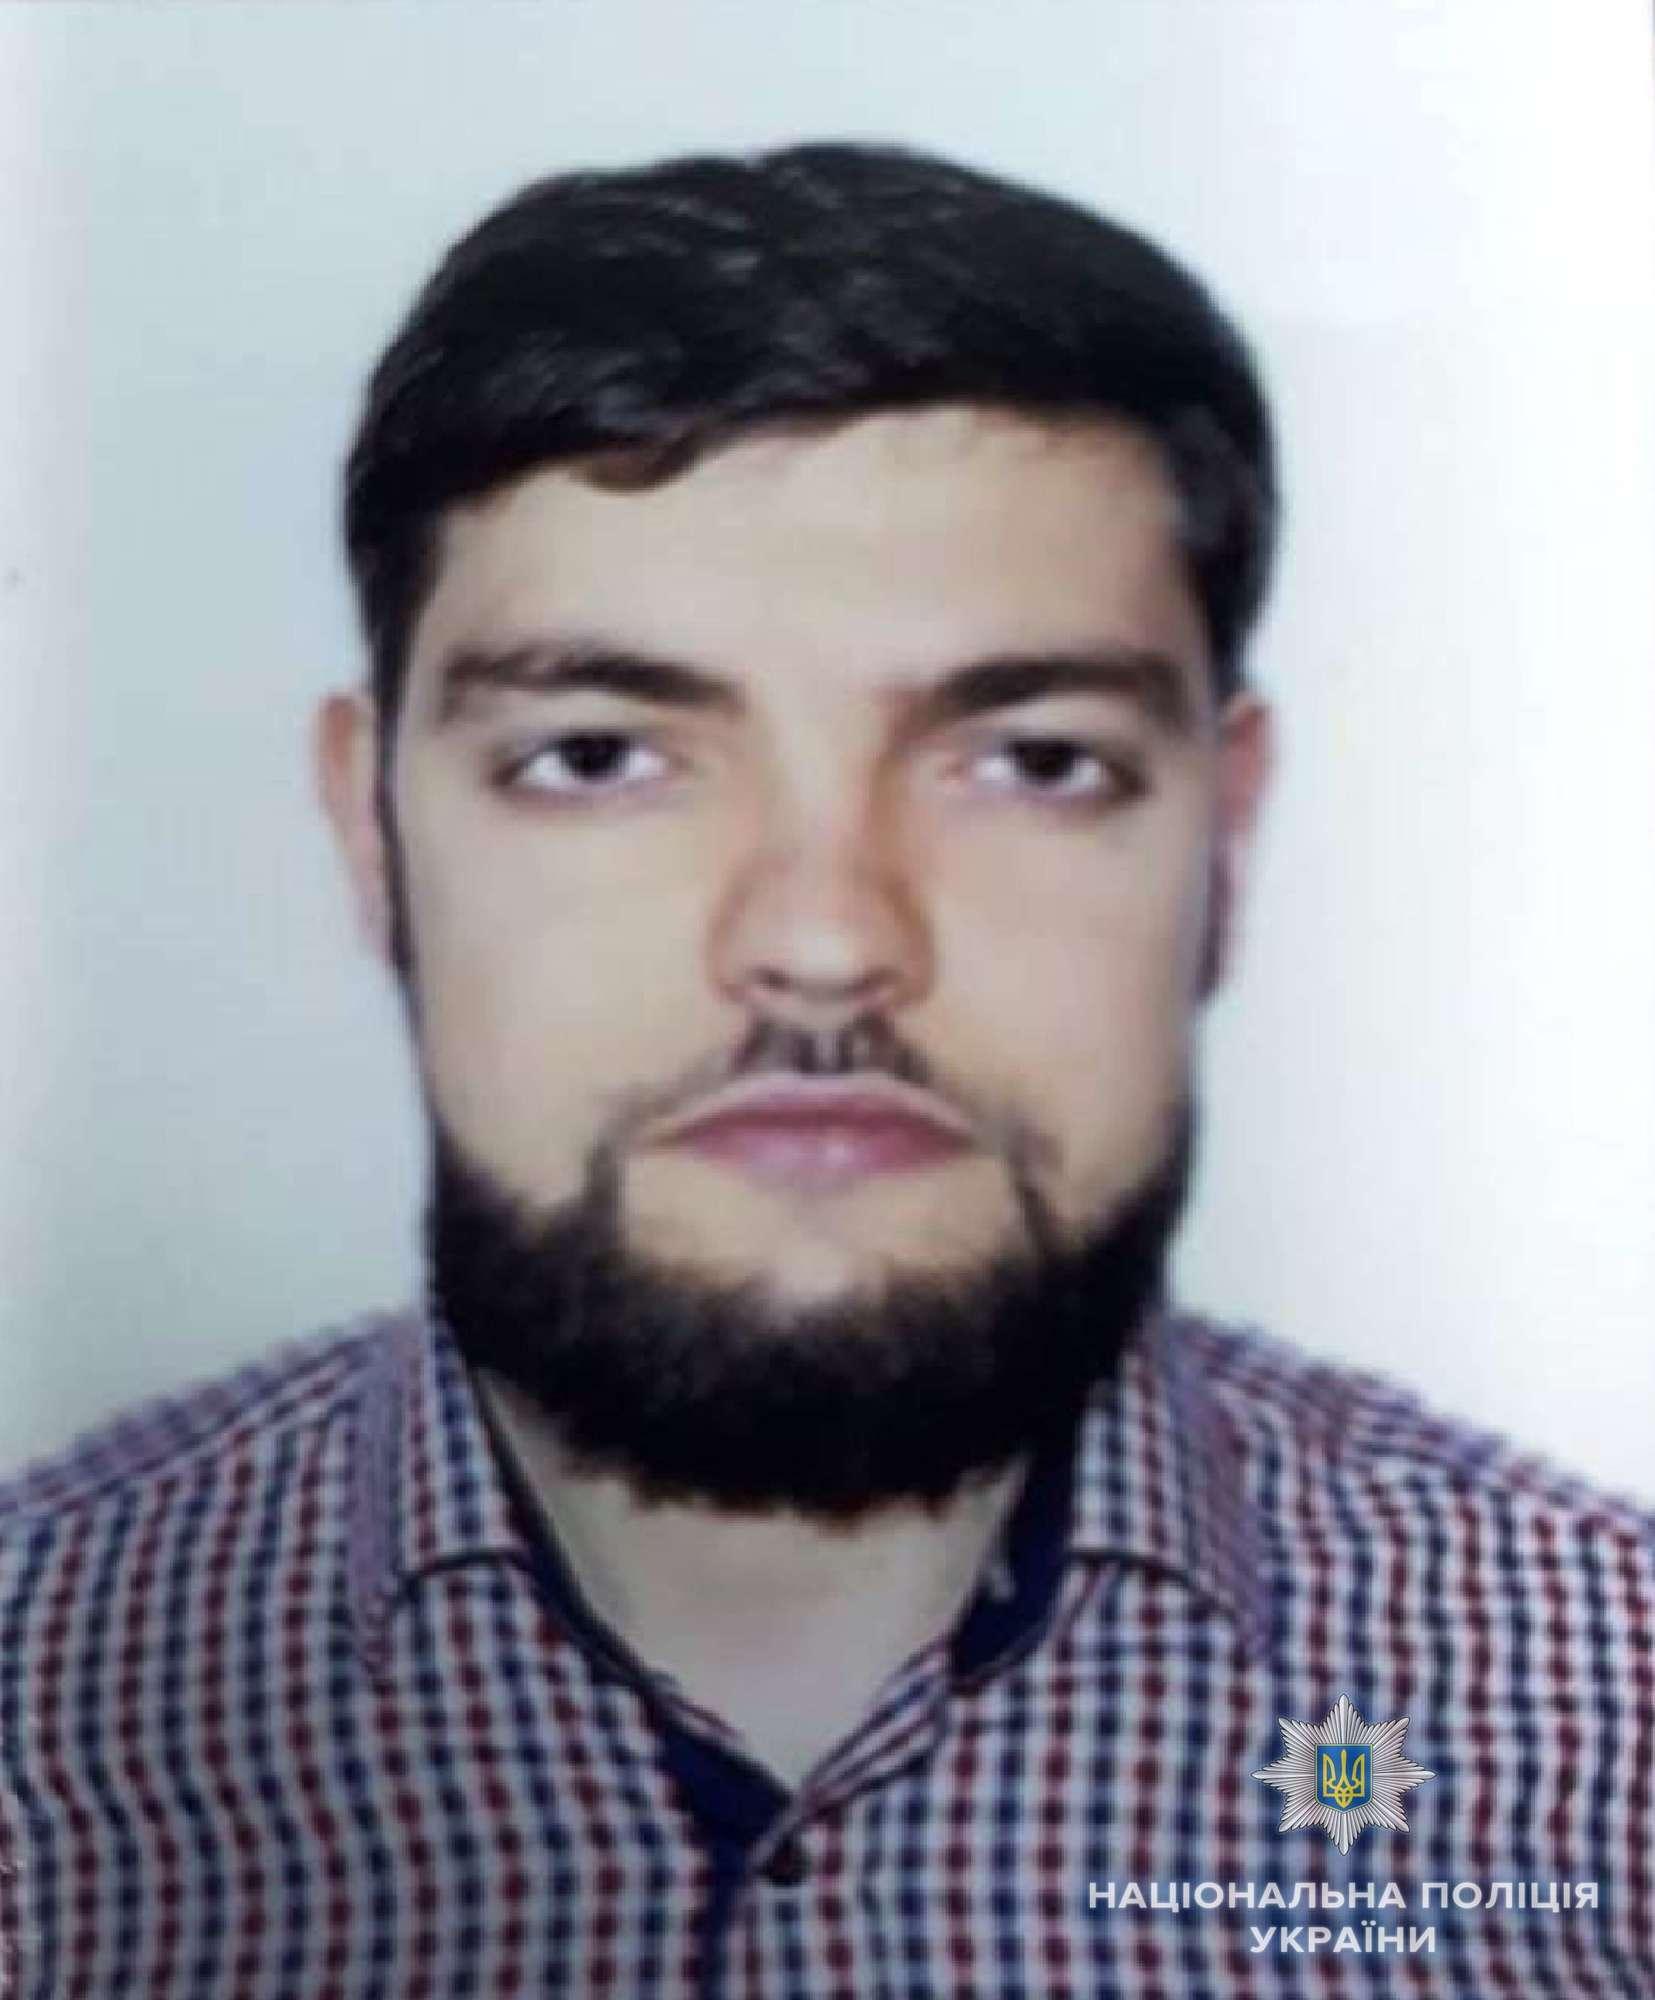 Побиття Найєма: в Азербайджані відпустили підозрюваного